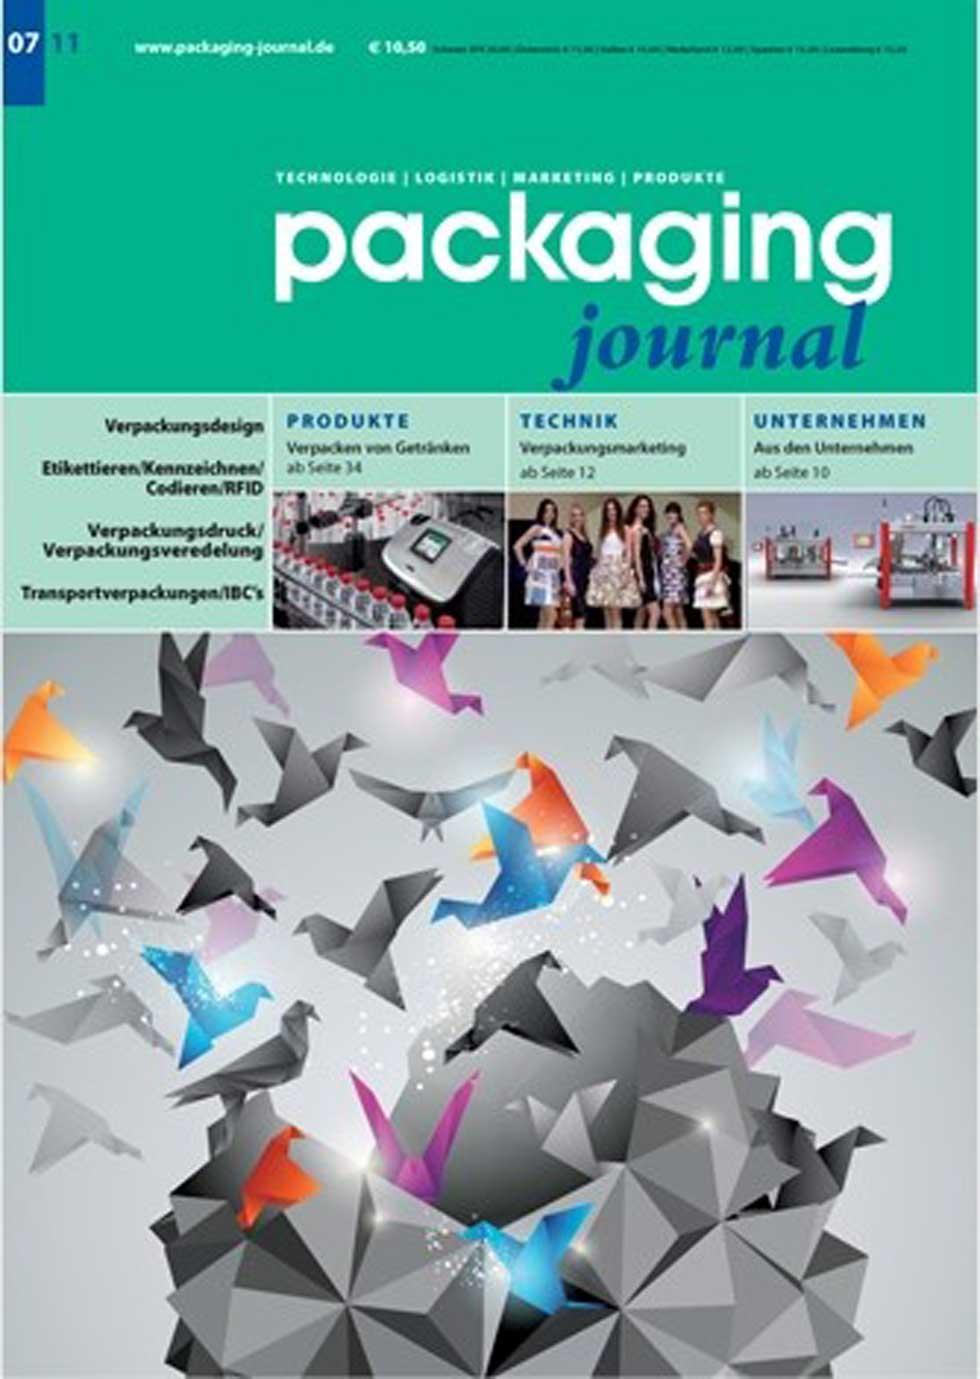 Cover des Packaging Journals in Vorbereitung auf die BrauBeviale 2011